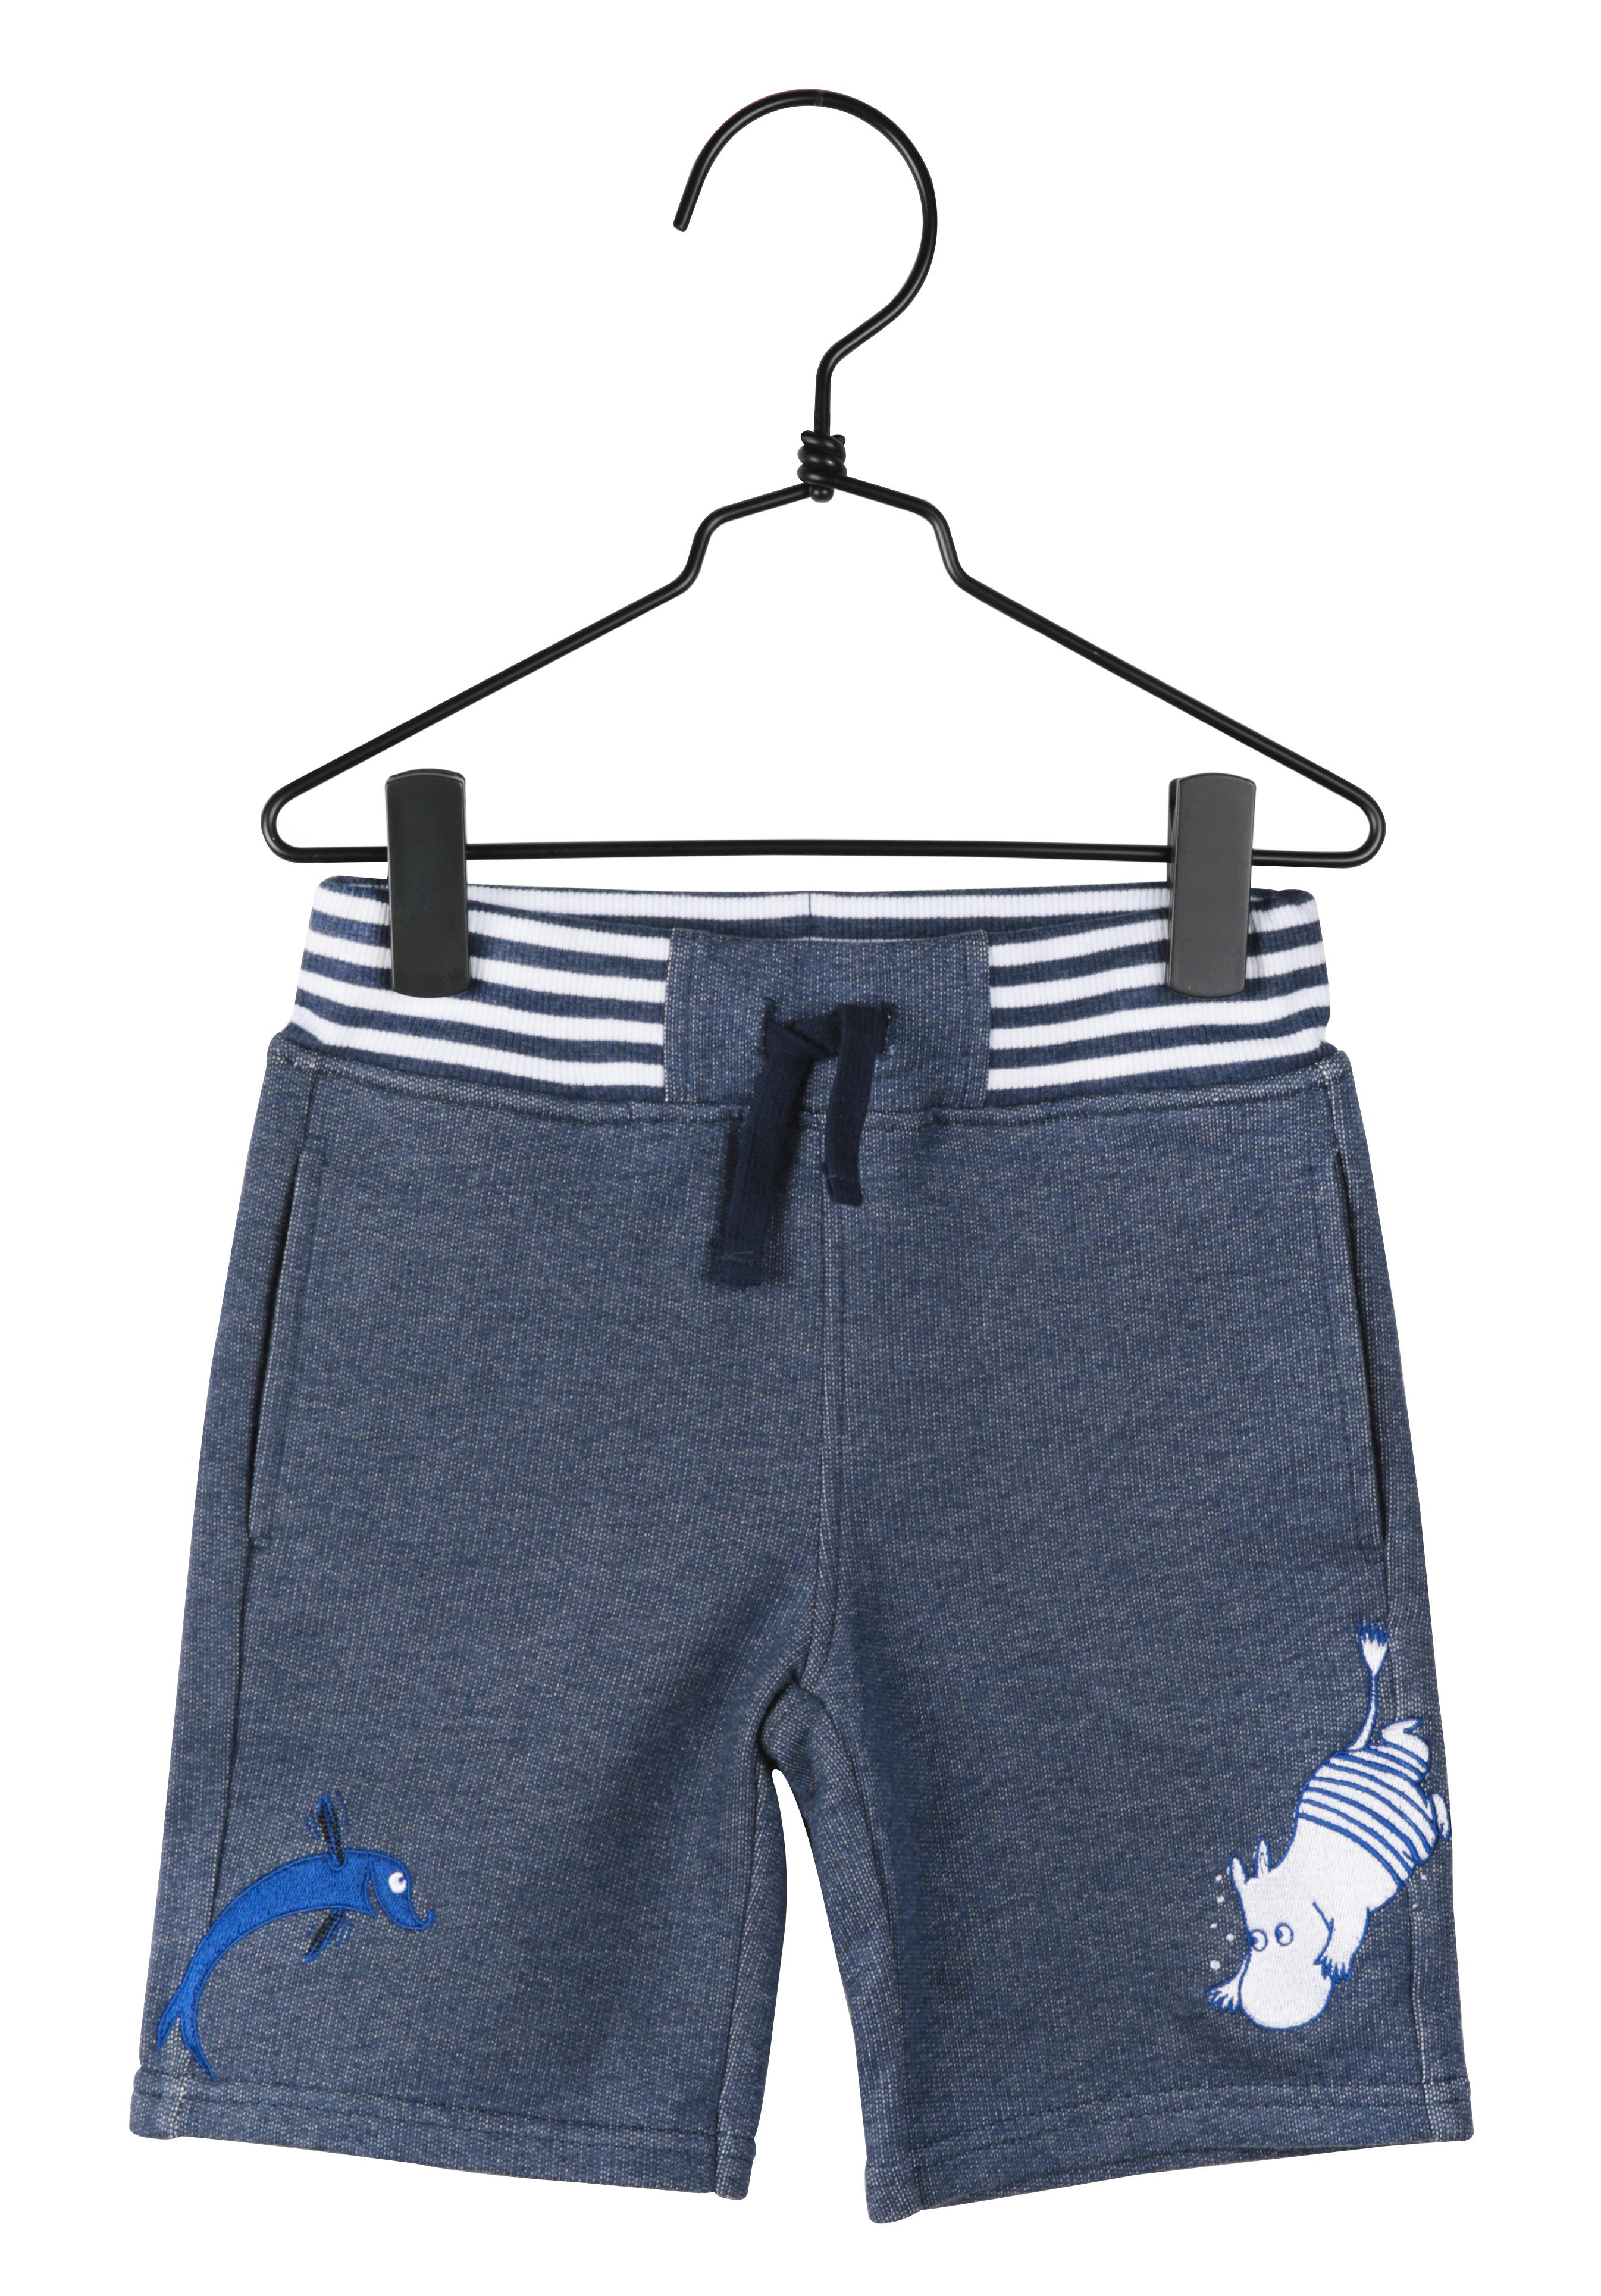 Martinex Moomin Dive Shorts